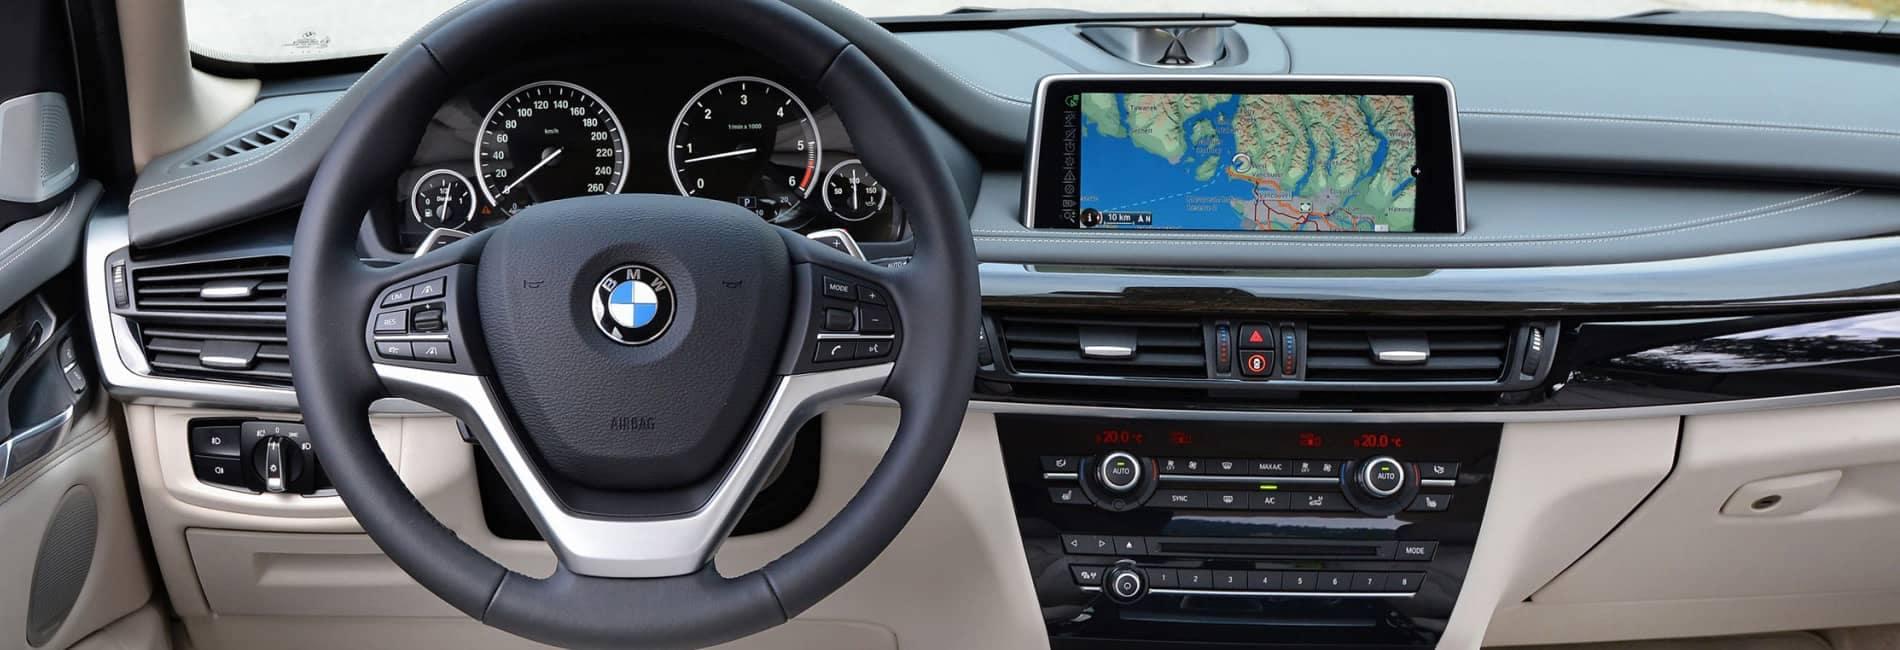 BMW-Dashboard